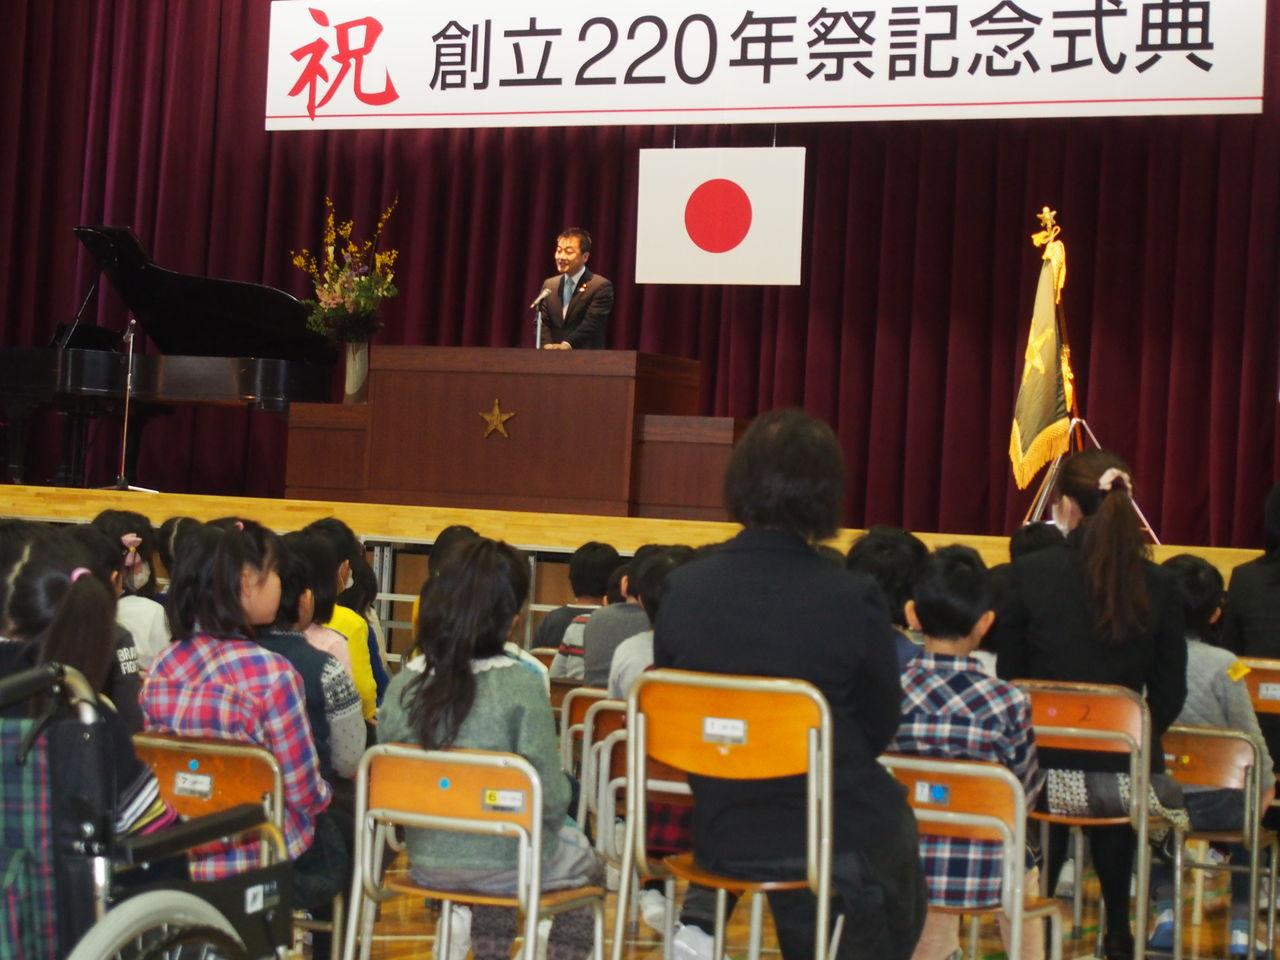 2014:02:23:1821小松市立芦城小学校 220年祭記念式典